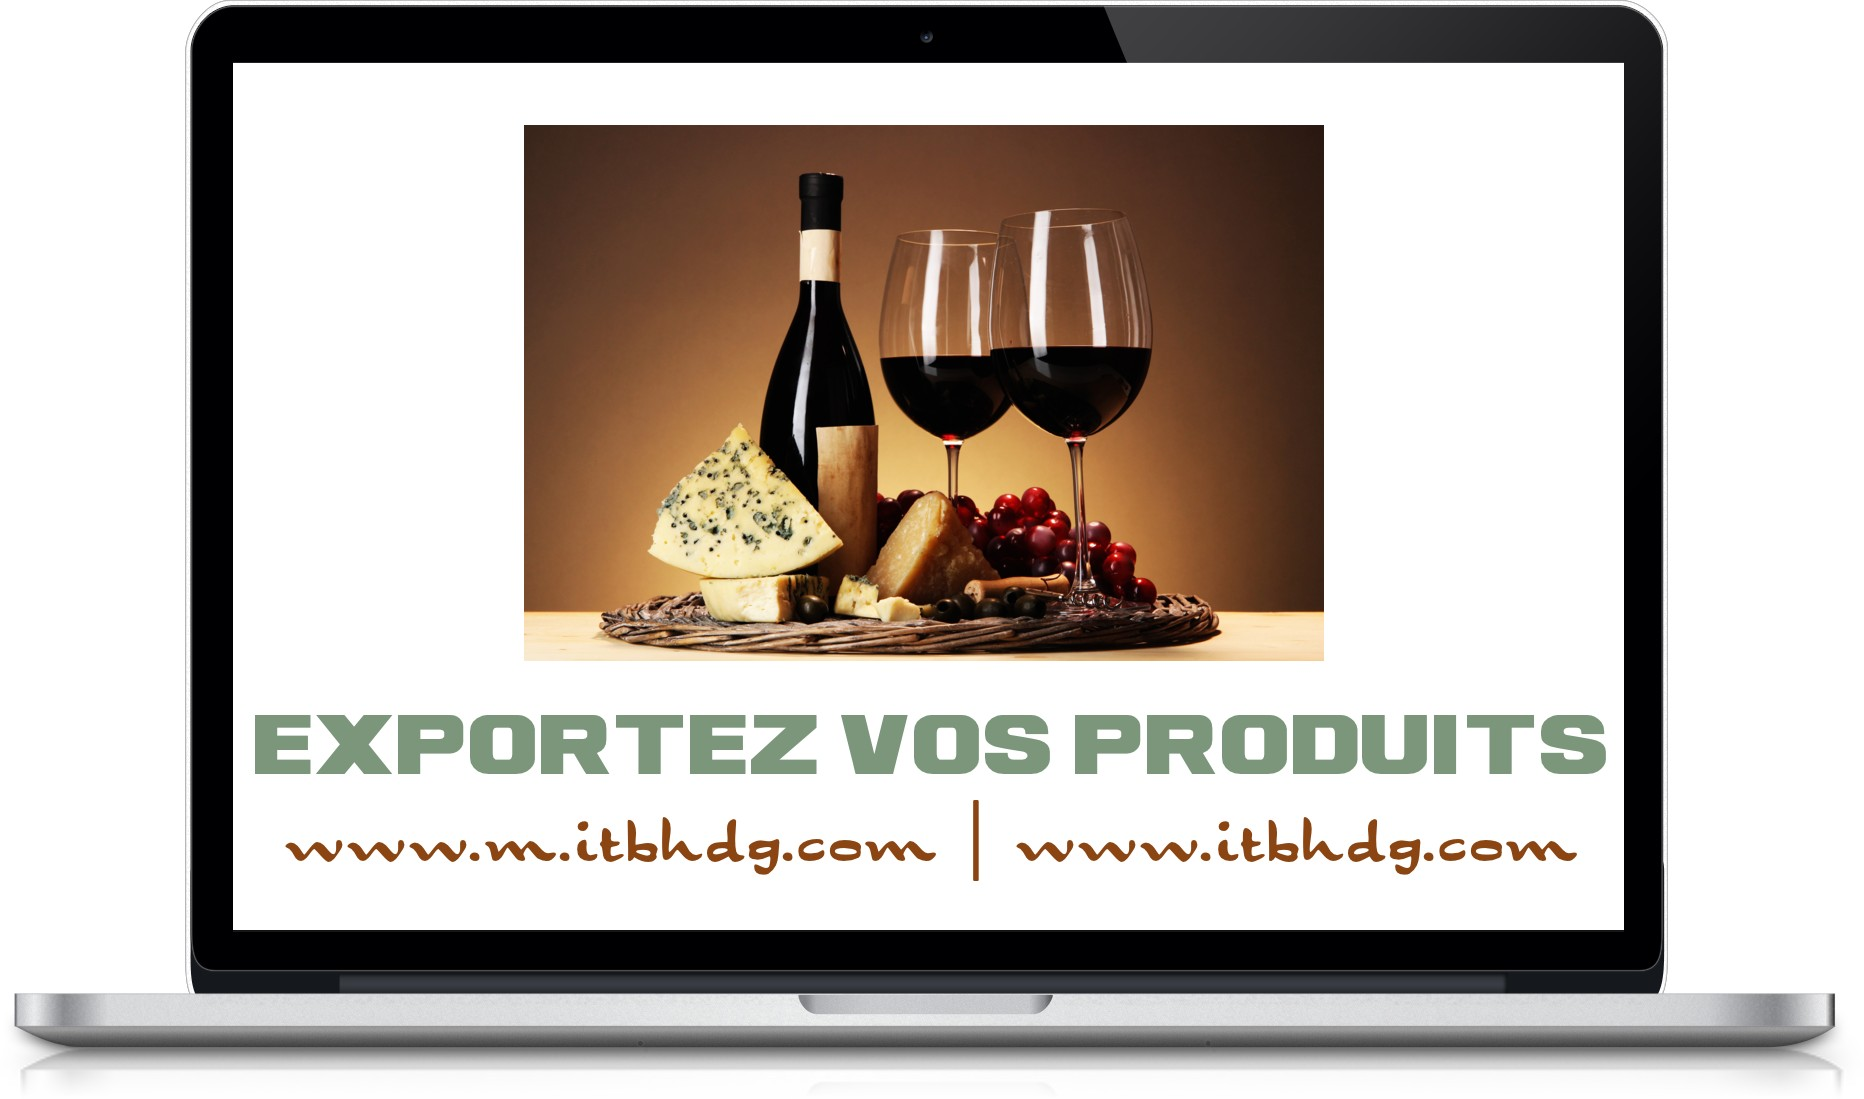 ENREGISTREMENT FDA -75%   Denrées alimentaires   Compléments alimentaires   Aliments en conserve   Boissons alcoolisées   CLIQUEZ  ICI   www.m.itbhdg.com   www.itbhdg.com